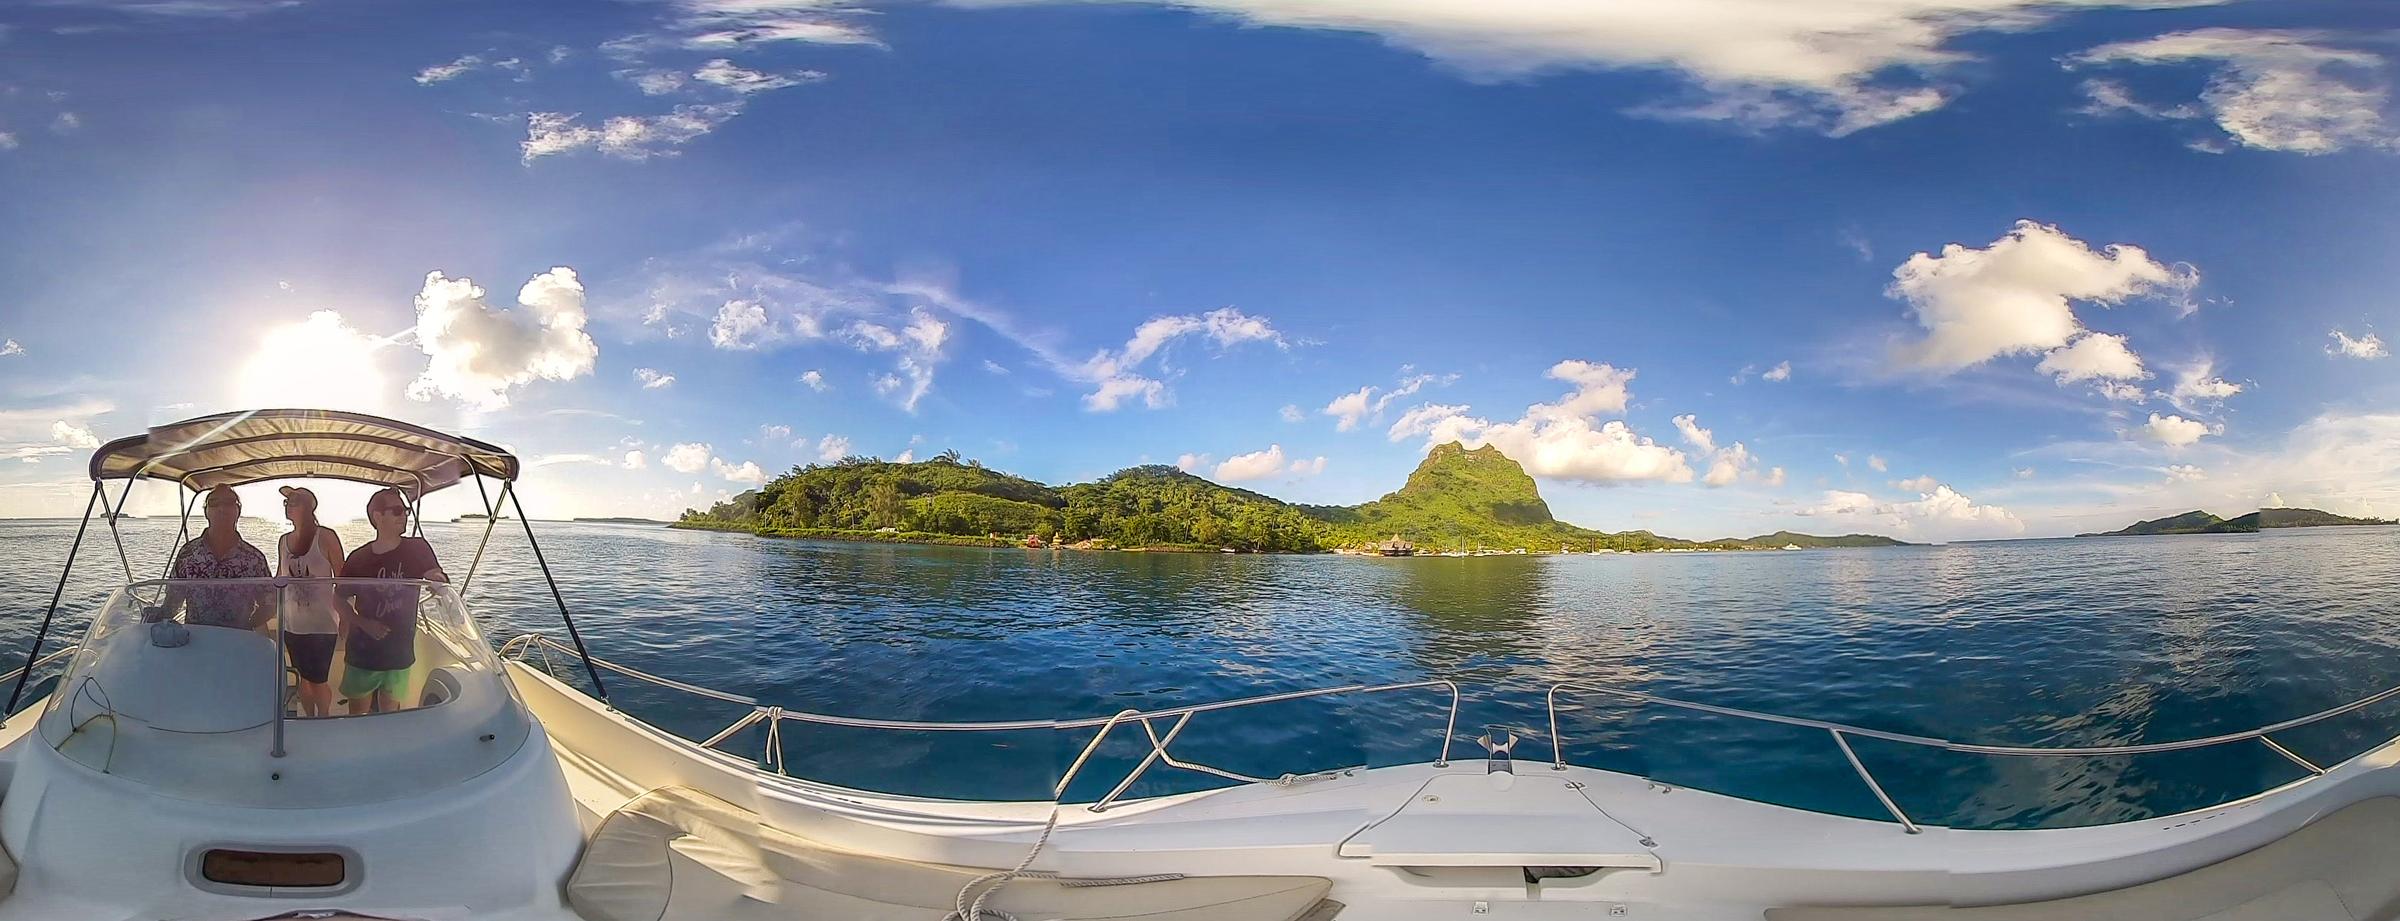 Take-The-Ride-VR_TahitiVR_Boat_2400px.jpg